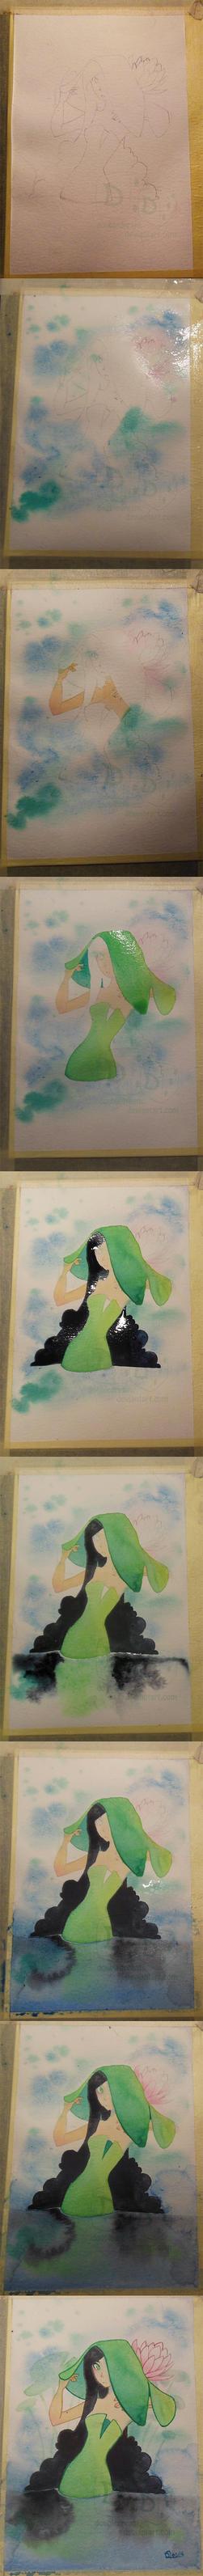 Peek - Watercolour Walkthrough by Doubledream